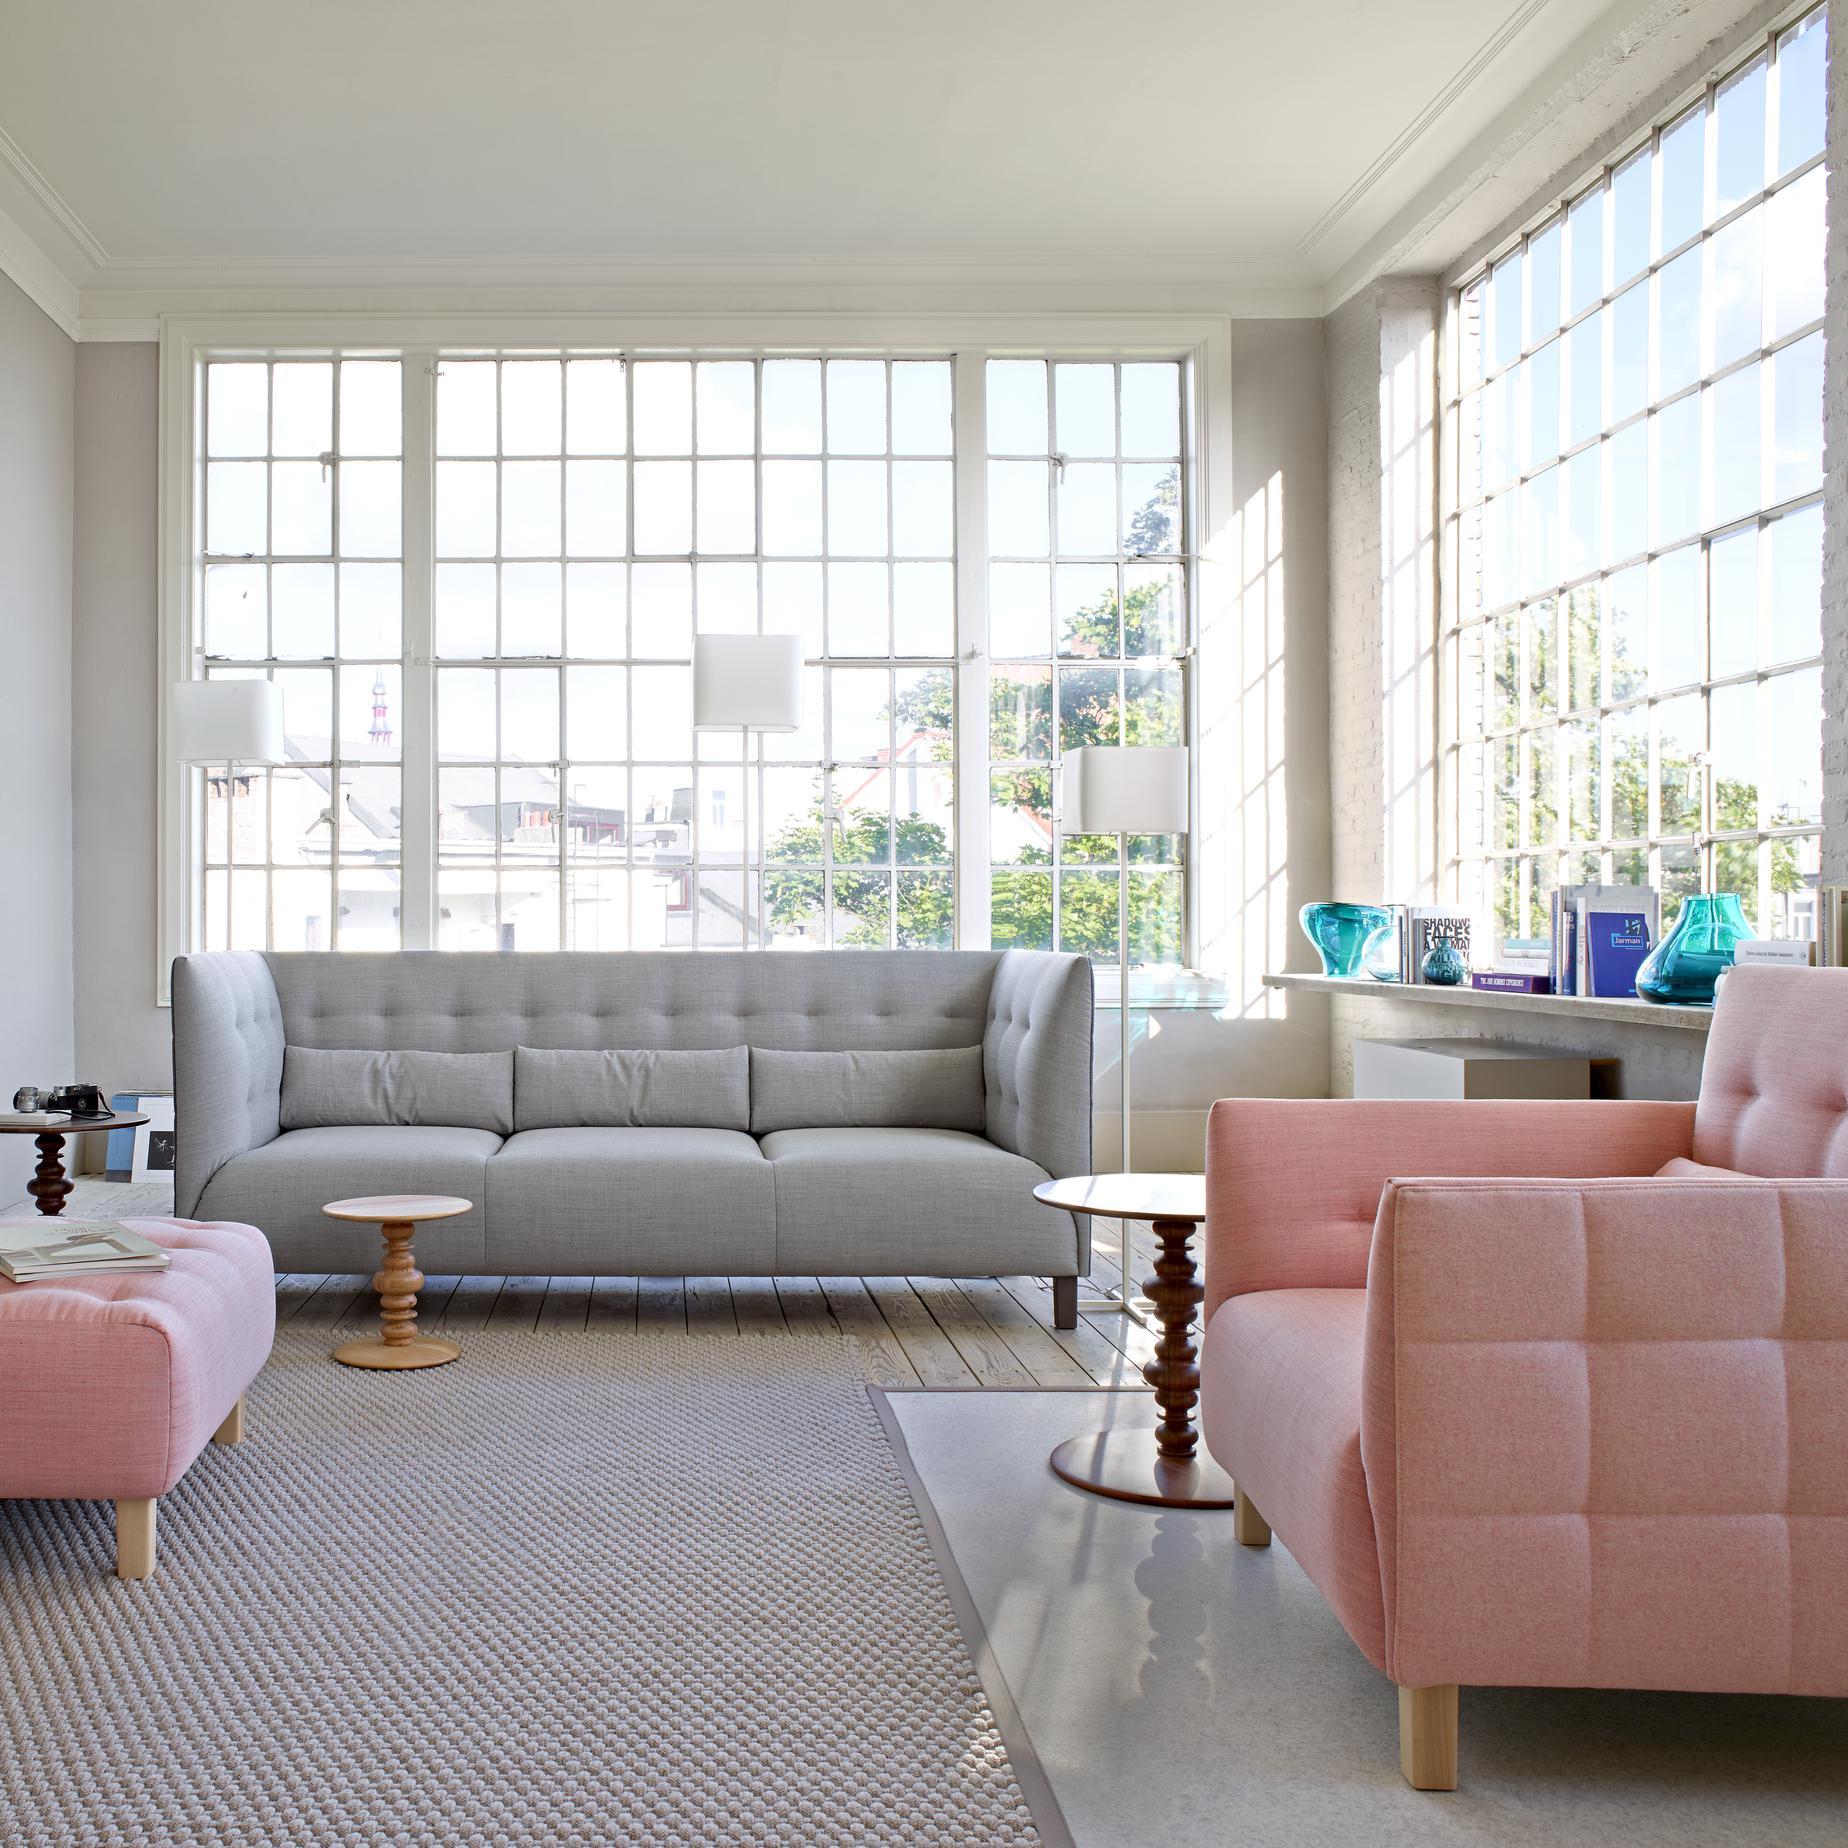 mcd sofas from designer marie christine dorner ligne roset official site. Black Bedroom Furniture Sets. Home Design Ideas